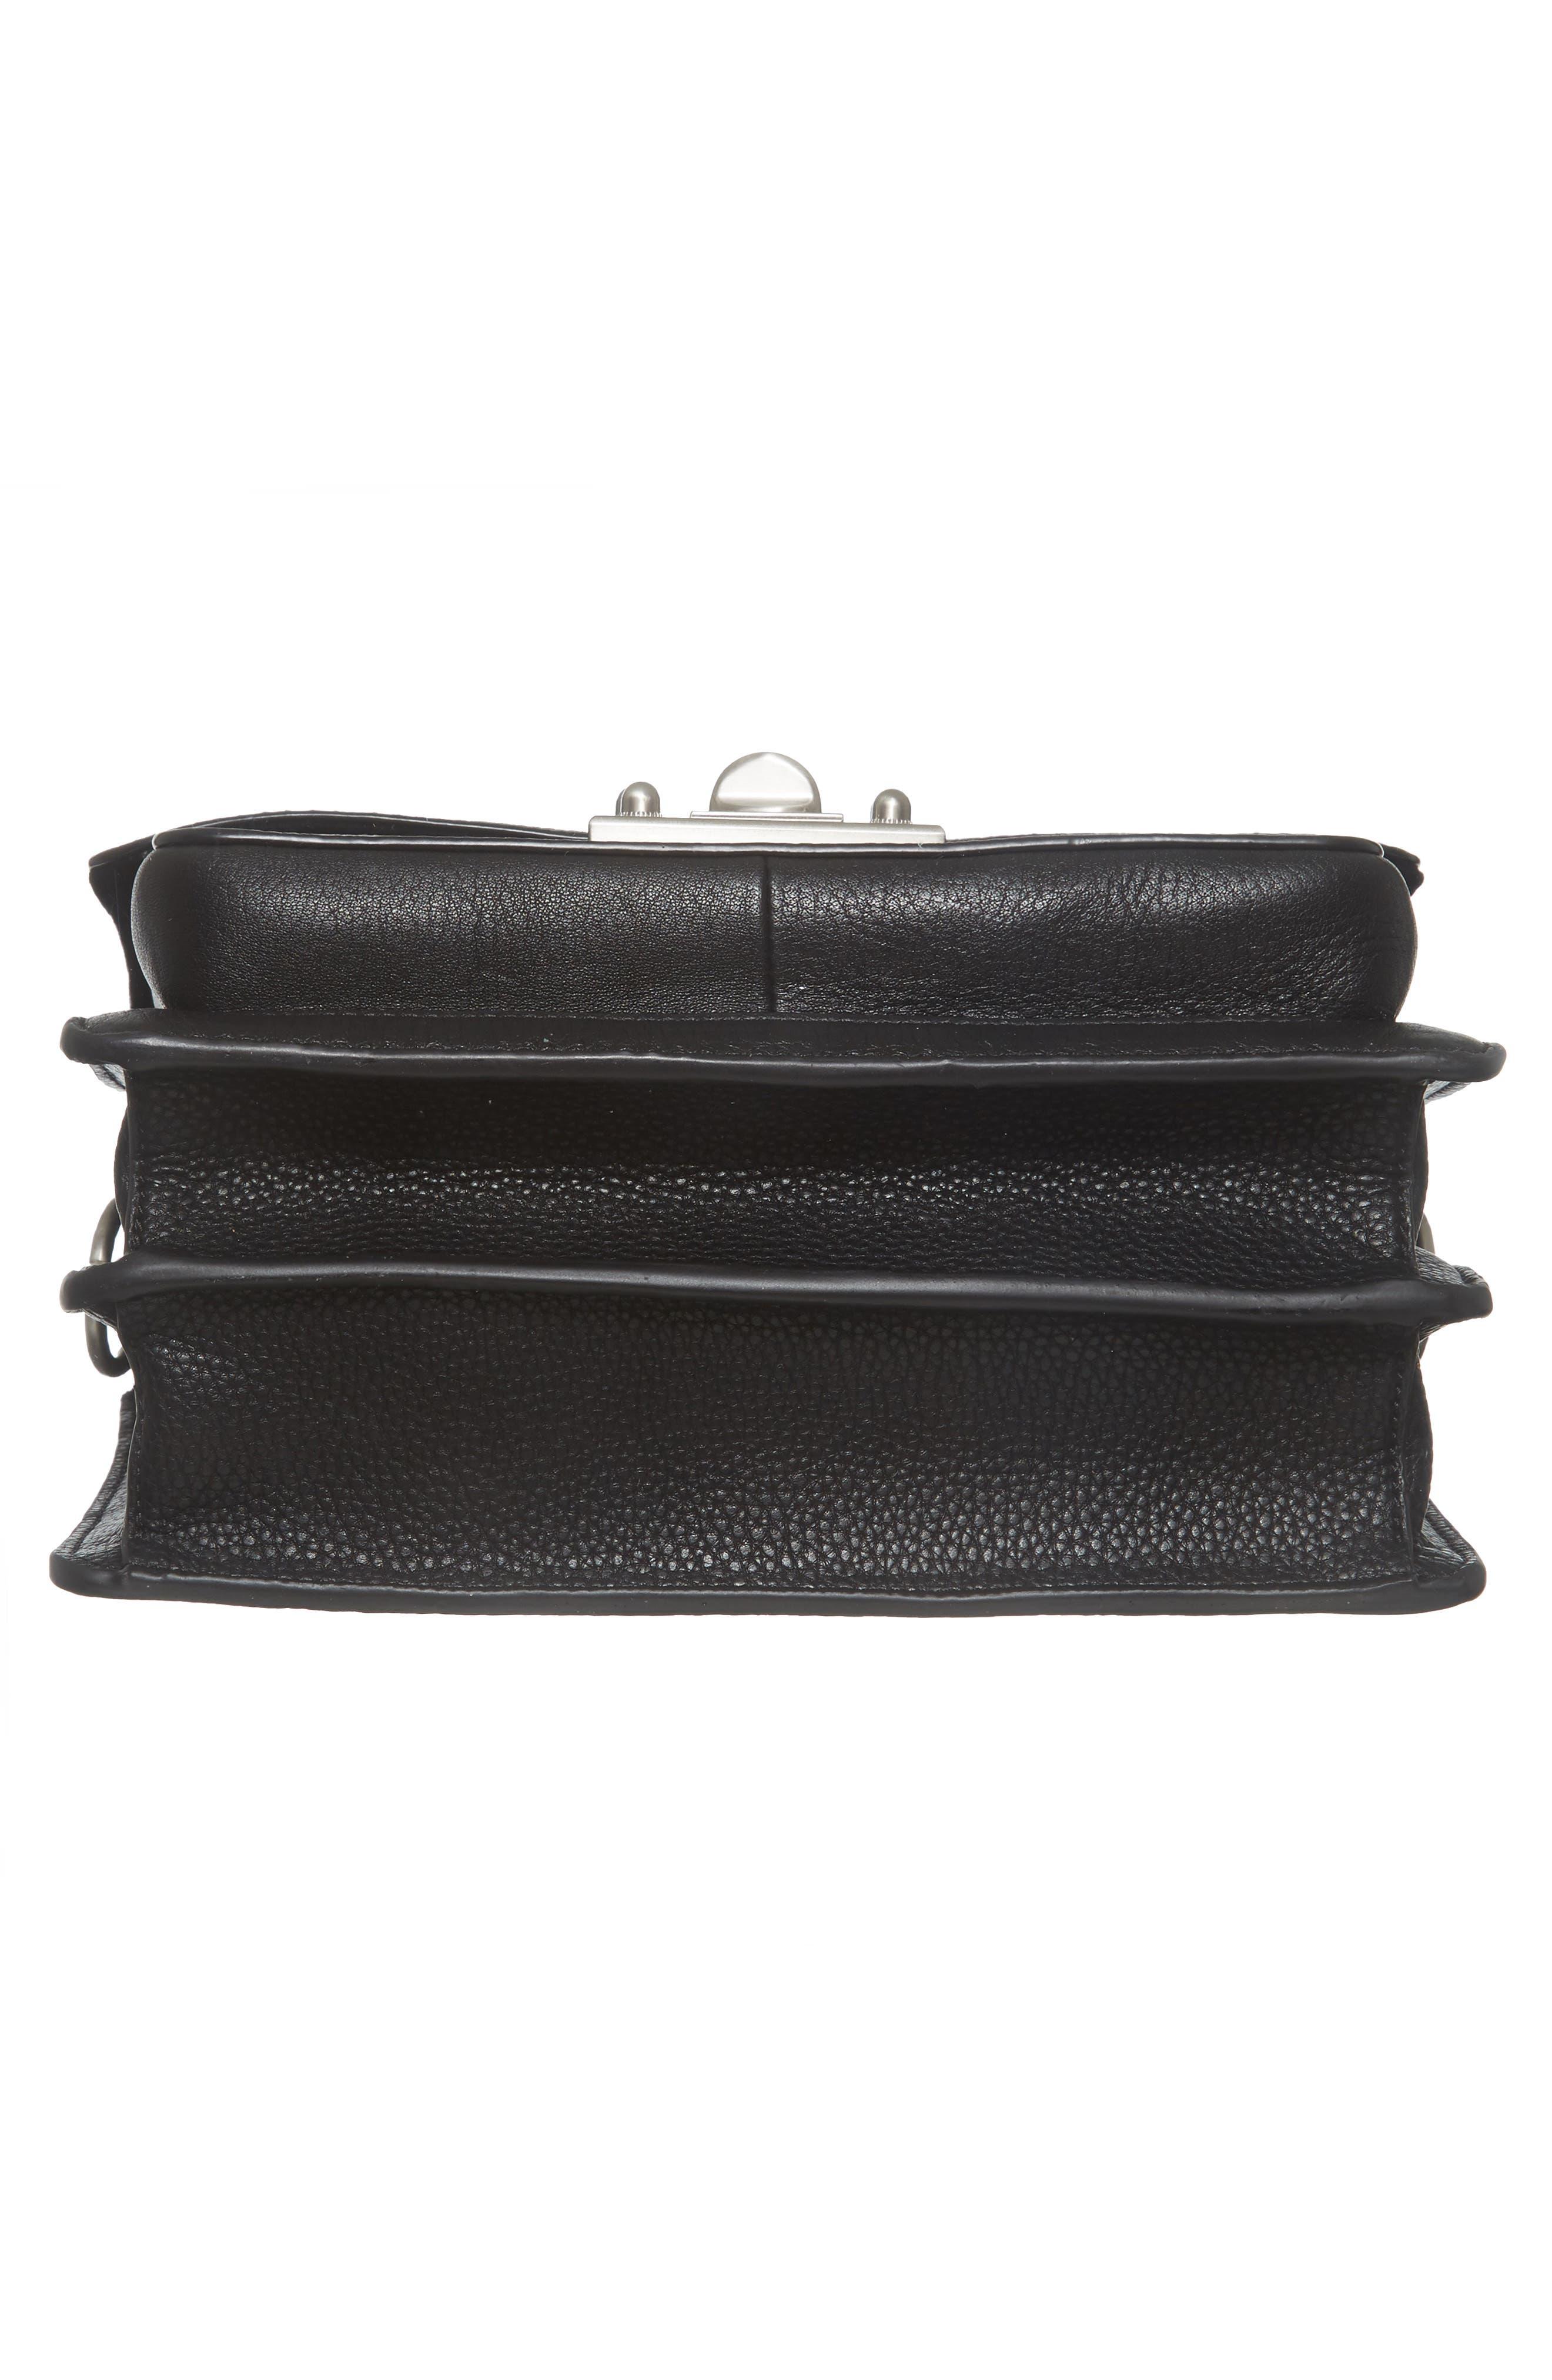 Gessica Leather Shoulder Bag,                             Alternate thumbnail 6, color,                             001